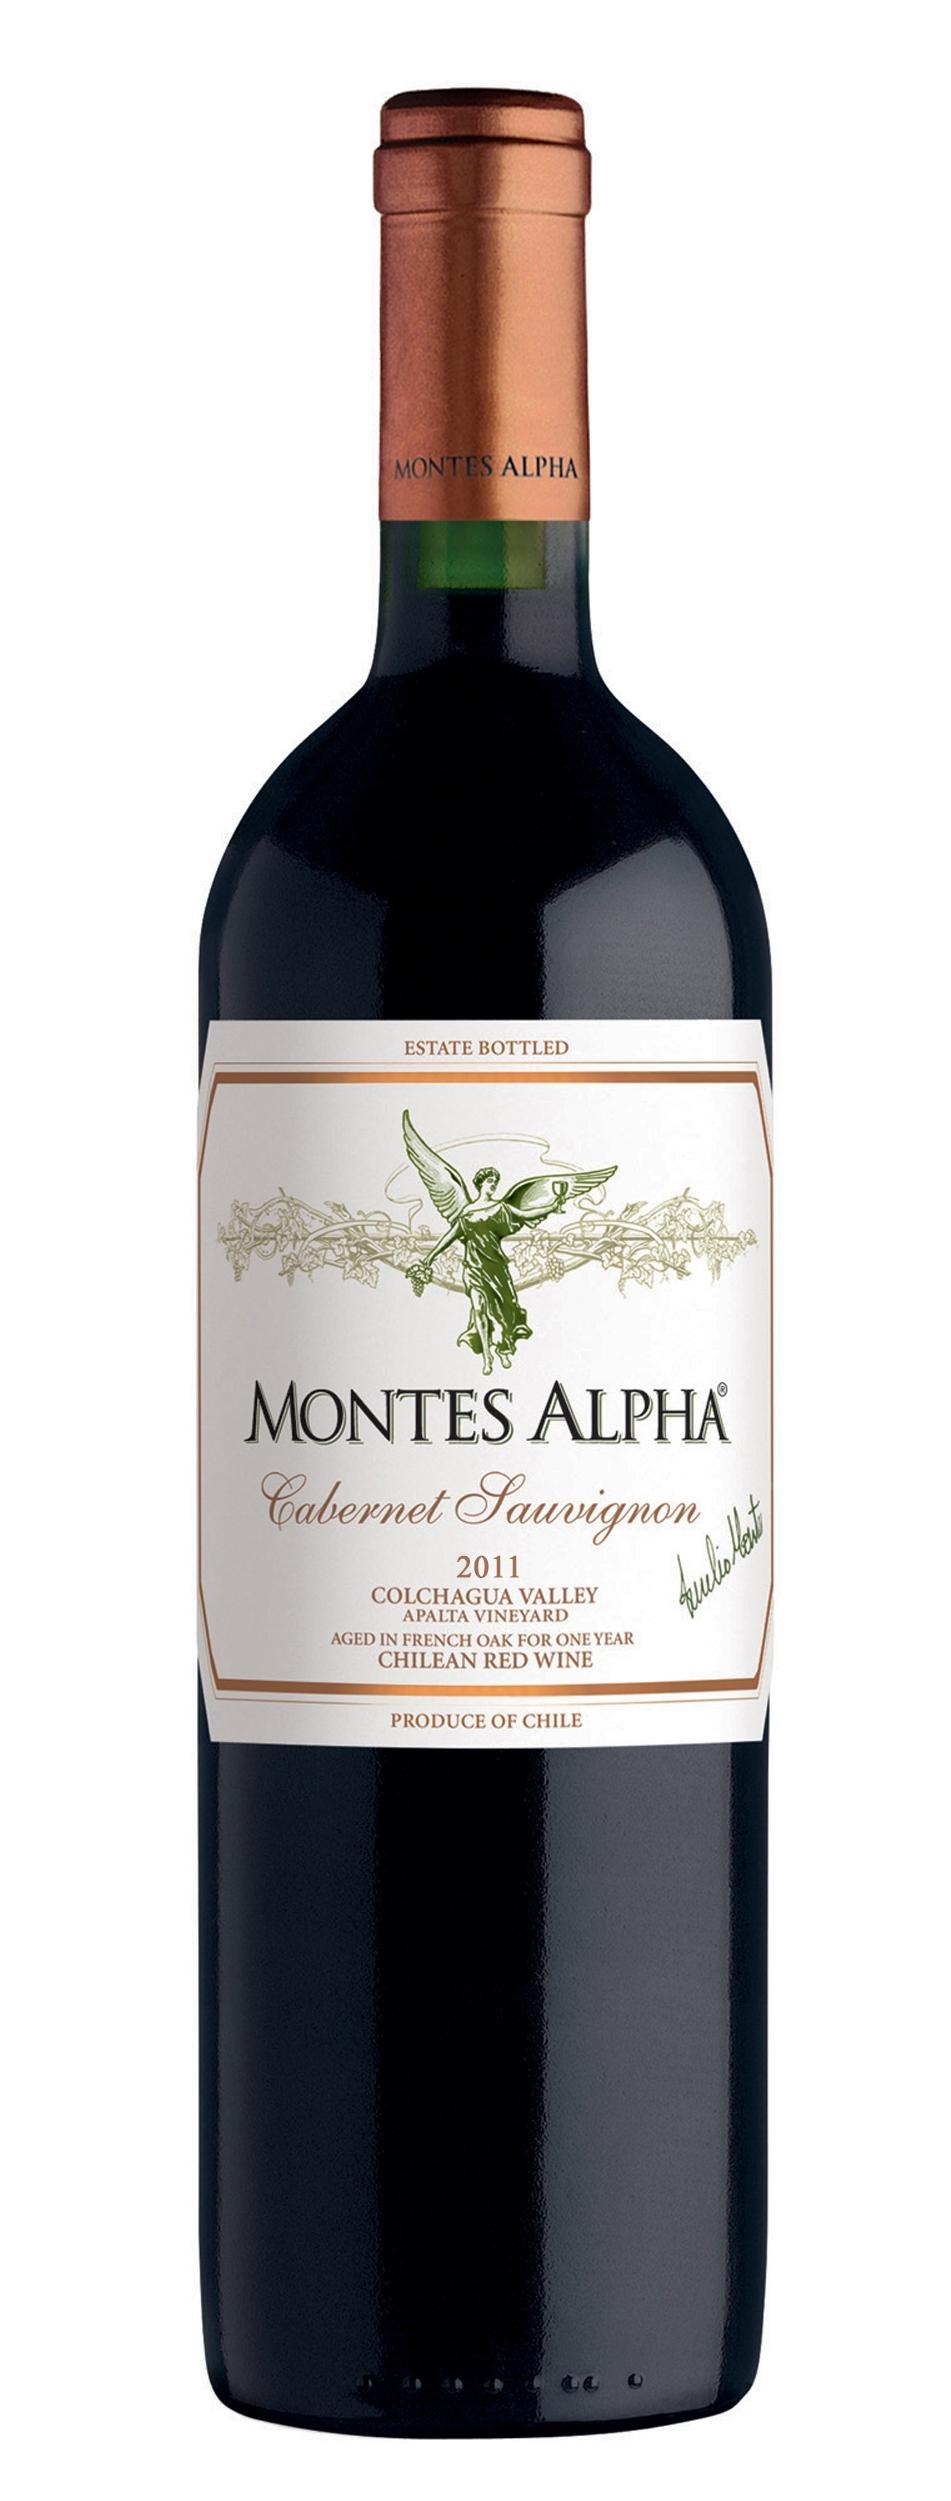 Montes-alpha-verkopen